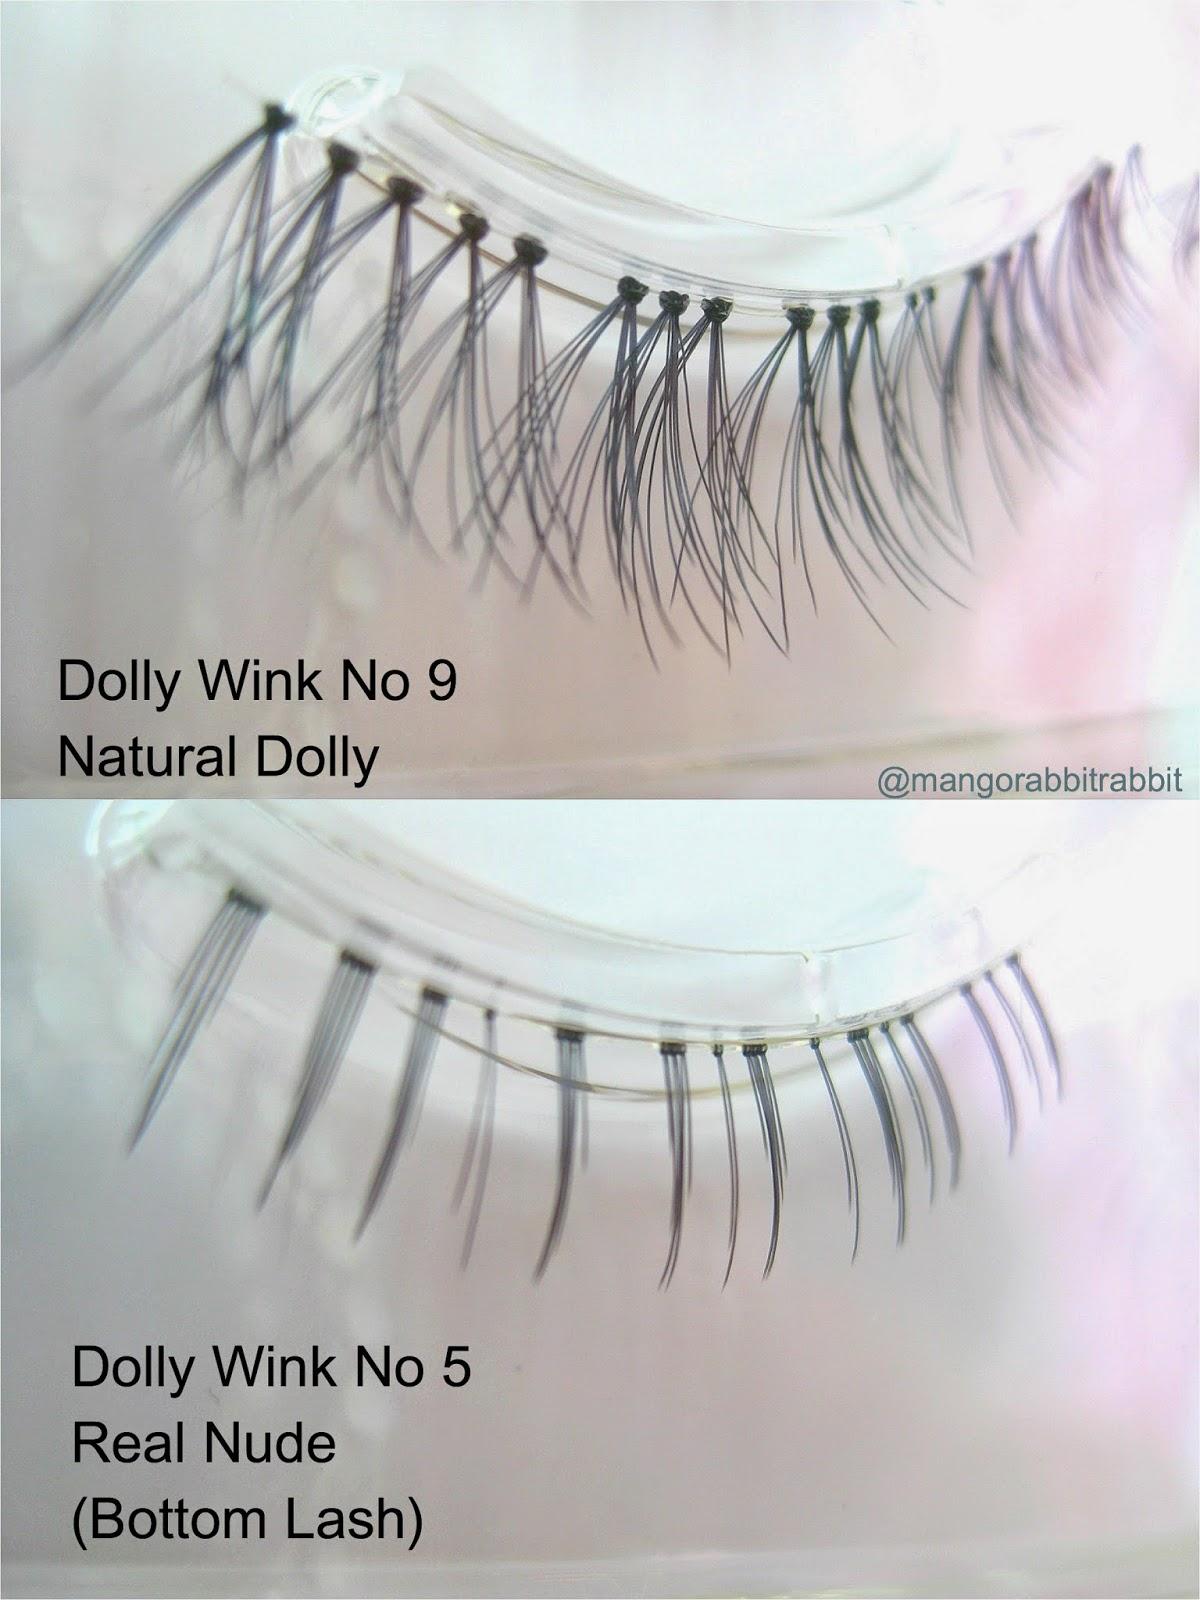 Review Dolly Wink Eyelashes No9 Natural Dolly No5 Real Nude